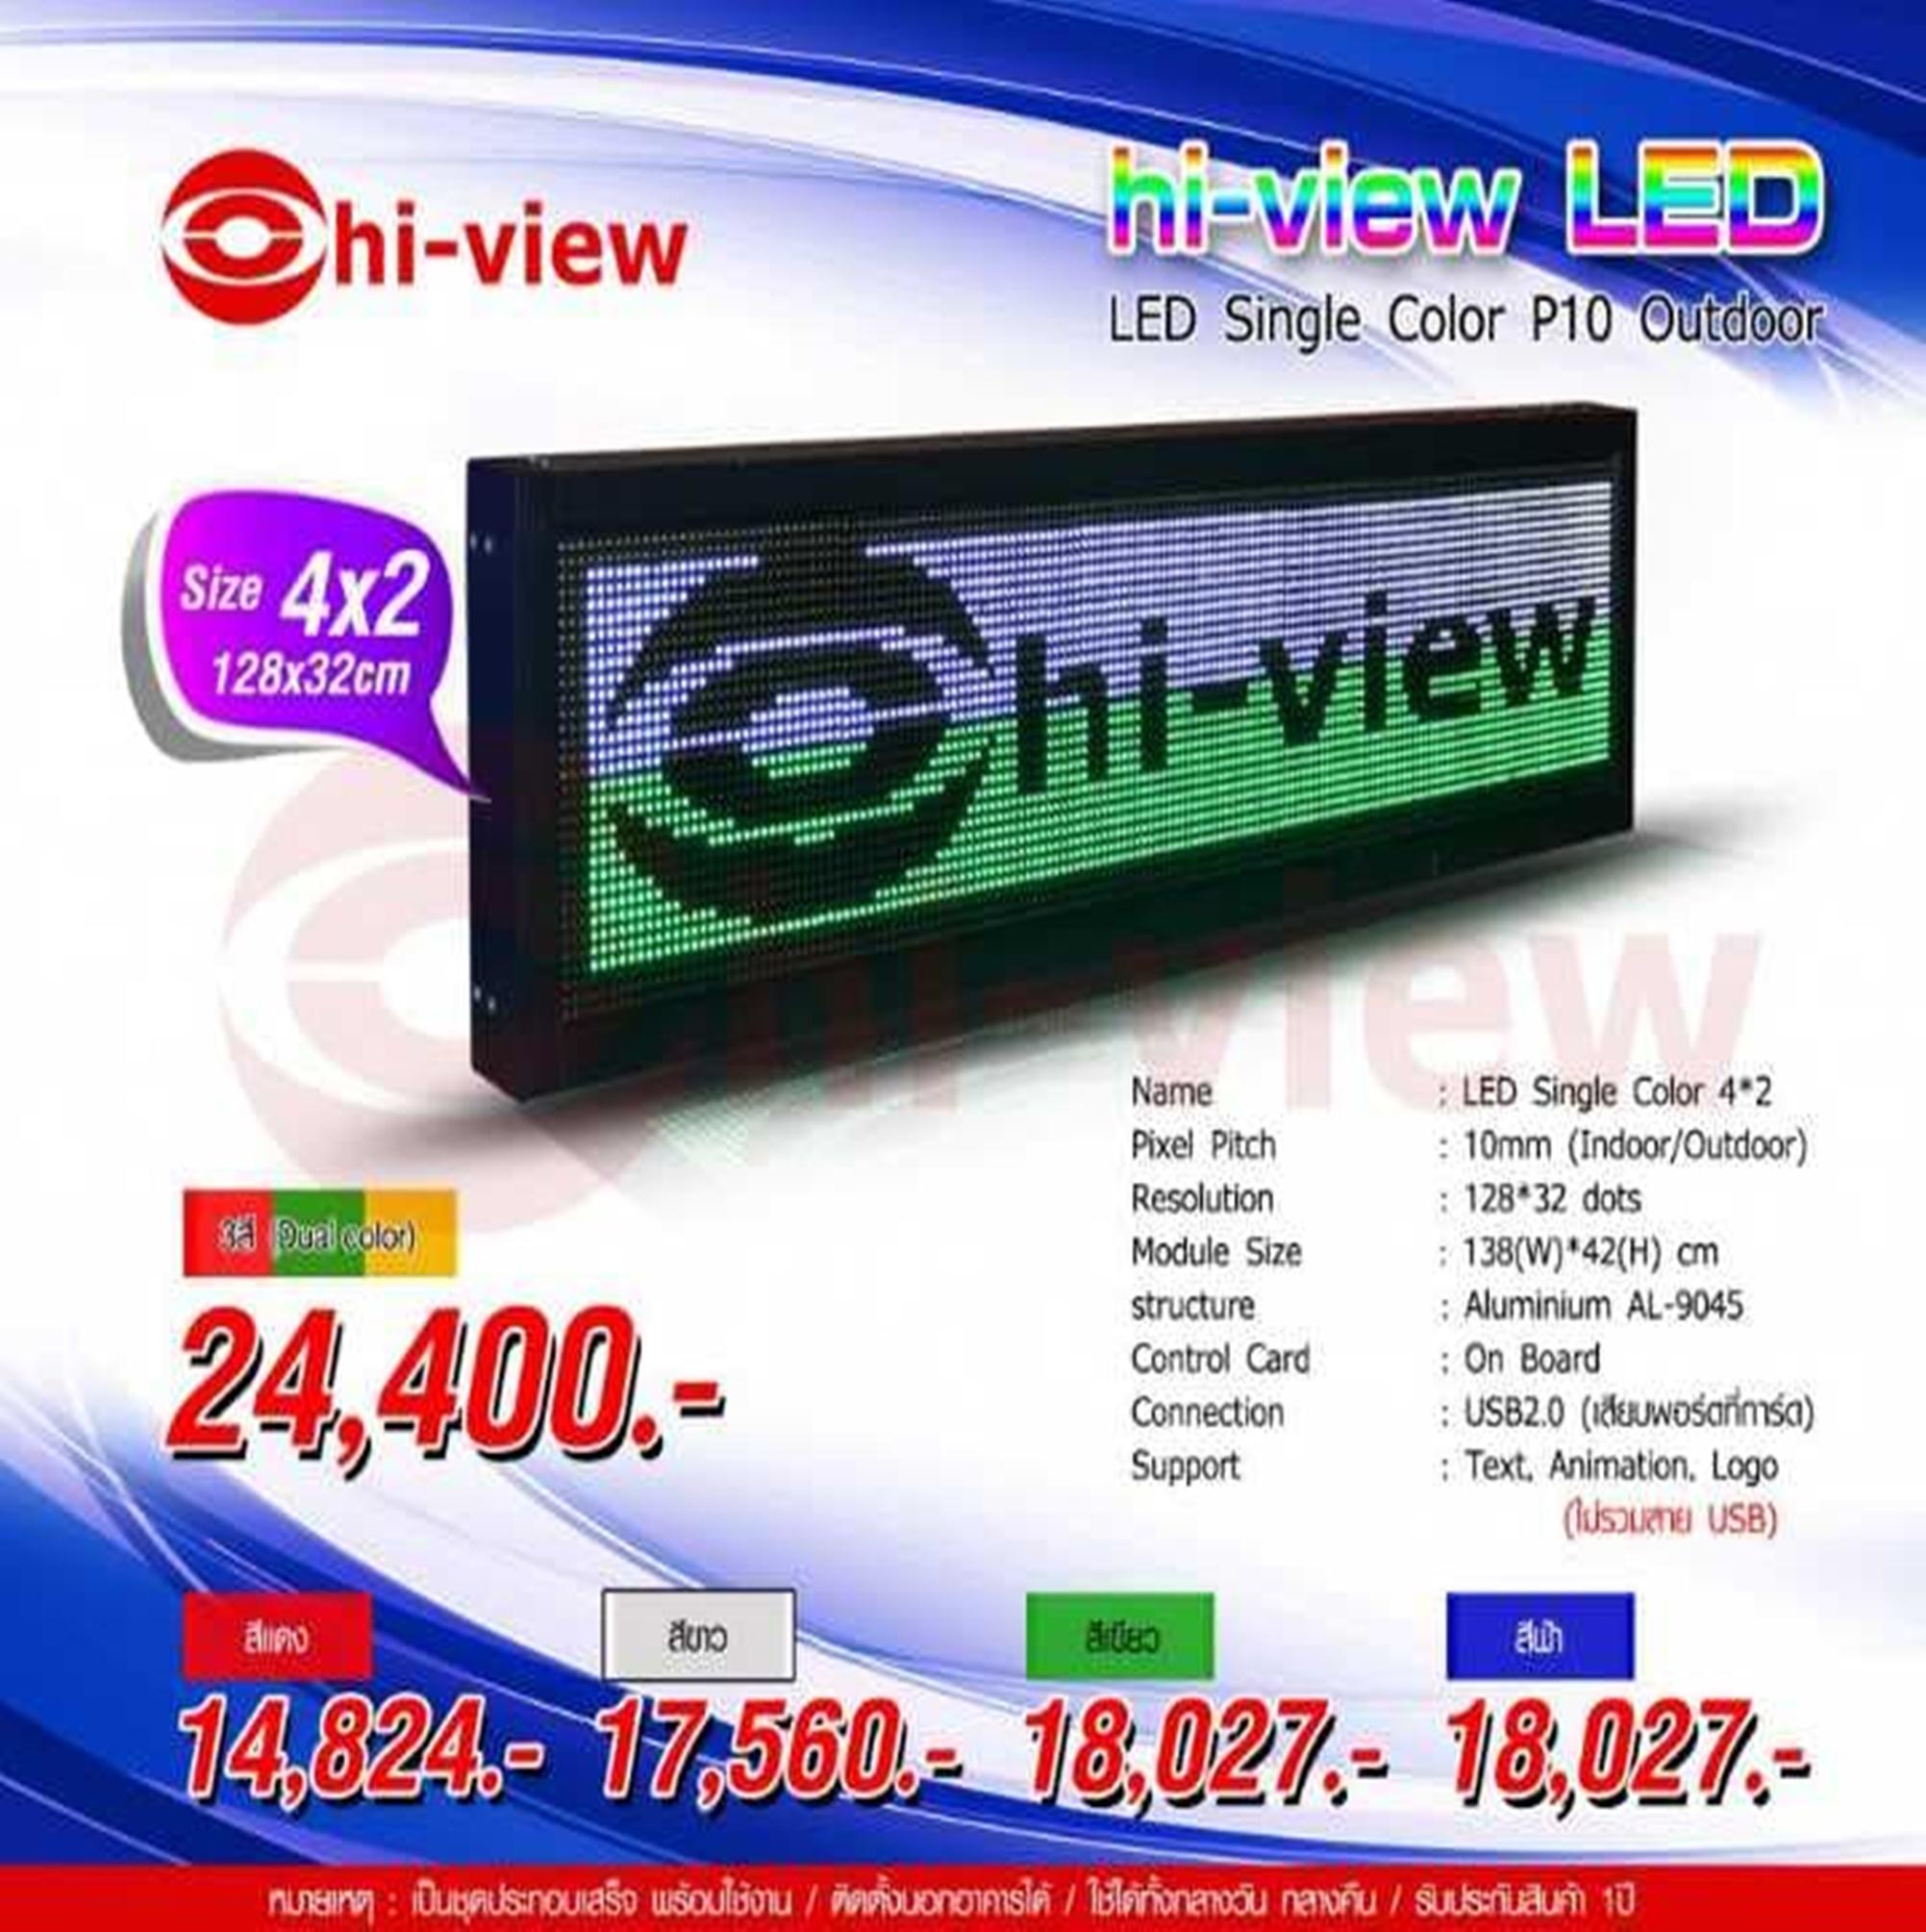 LED Single Color P10 (Size 4x2)